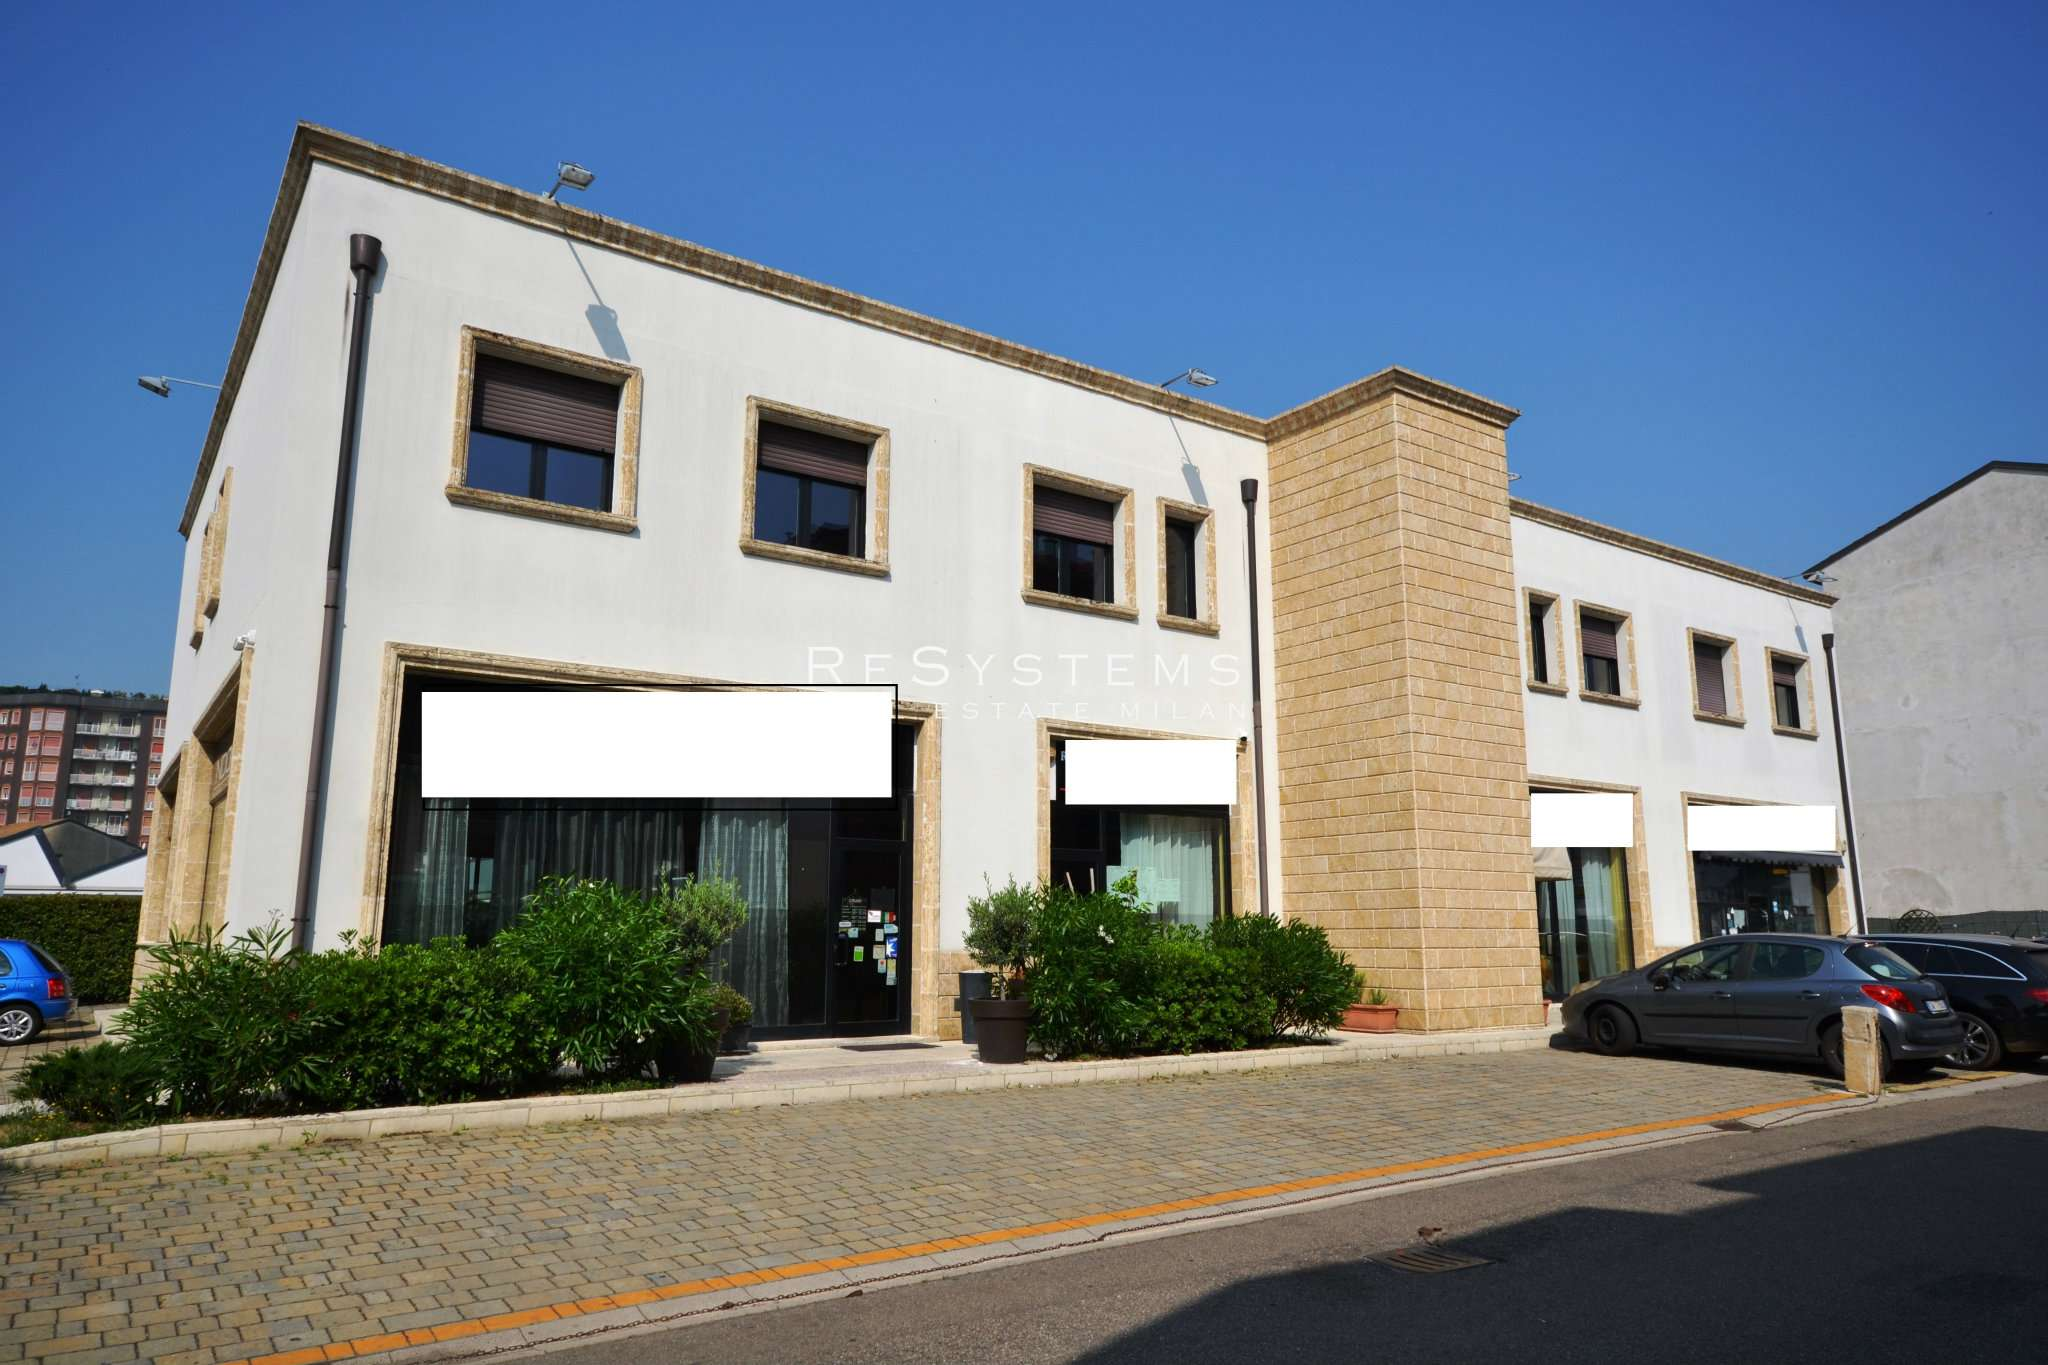 Ufficio / Studio in vendita a Pero, 2 locali, prezzo € 180.000 | PortaleAgenzieImmobiliari.it